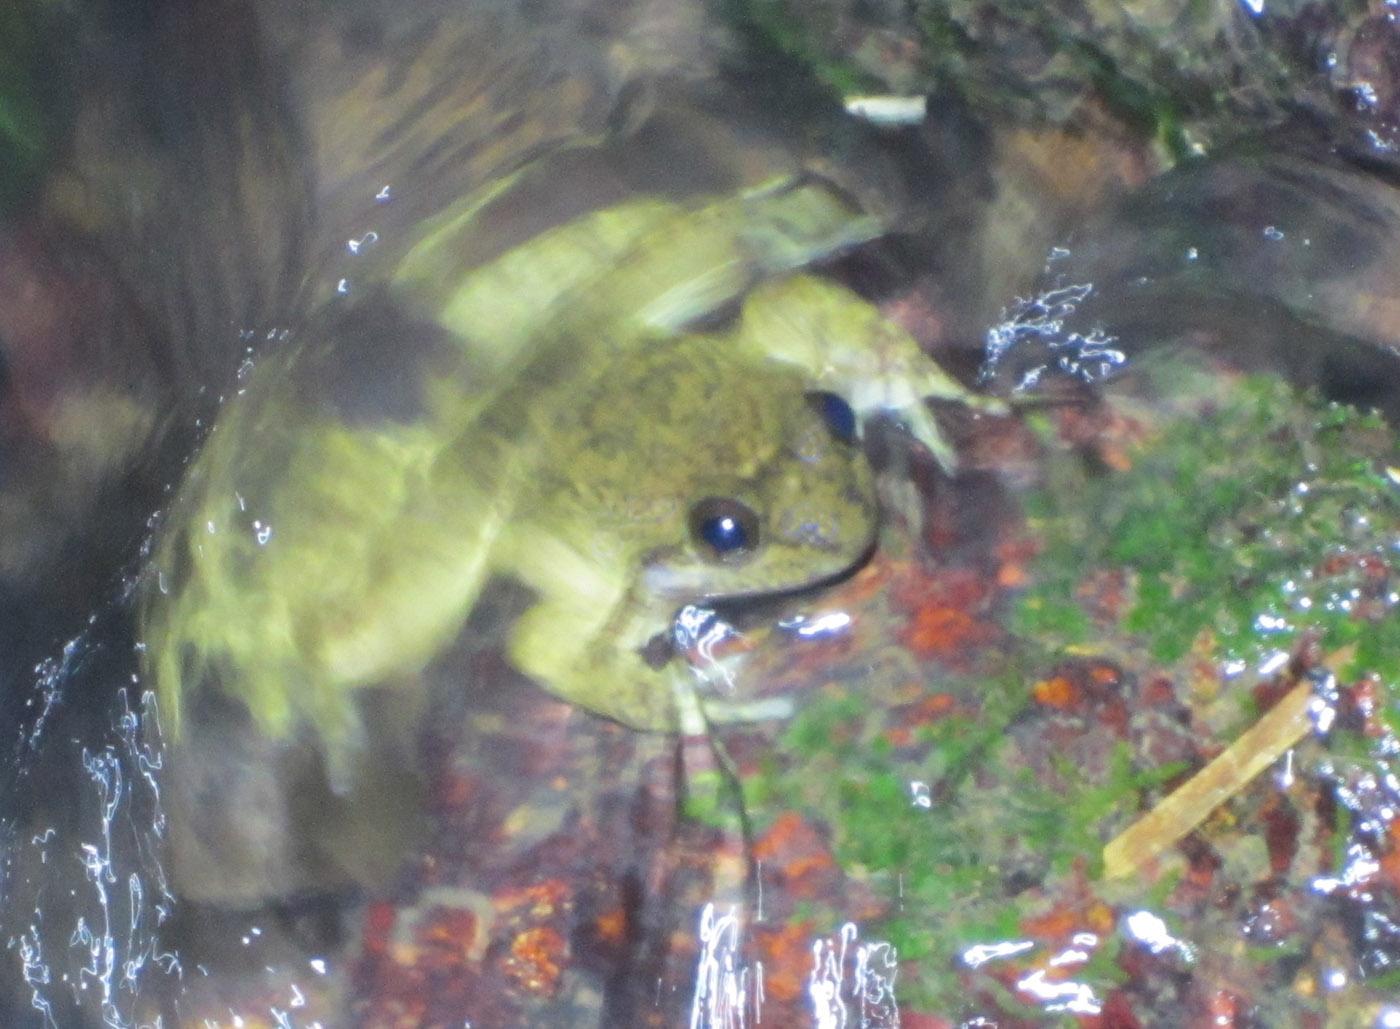 Togo Slippery Frog